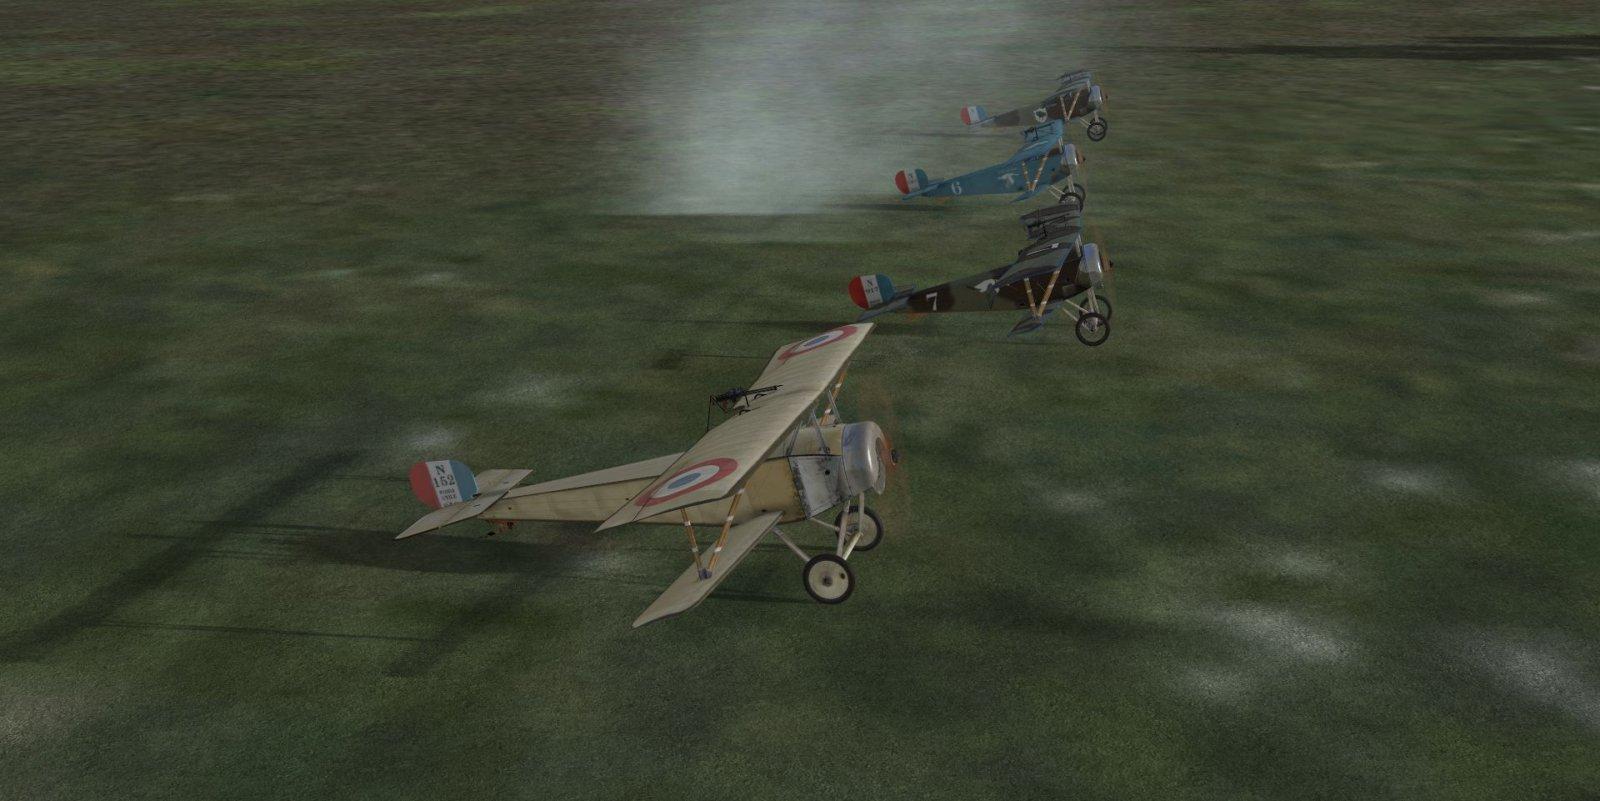 NieuportC10t10-14-18-18-45-06.jpg